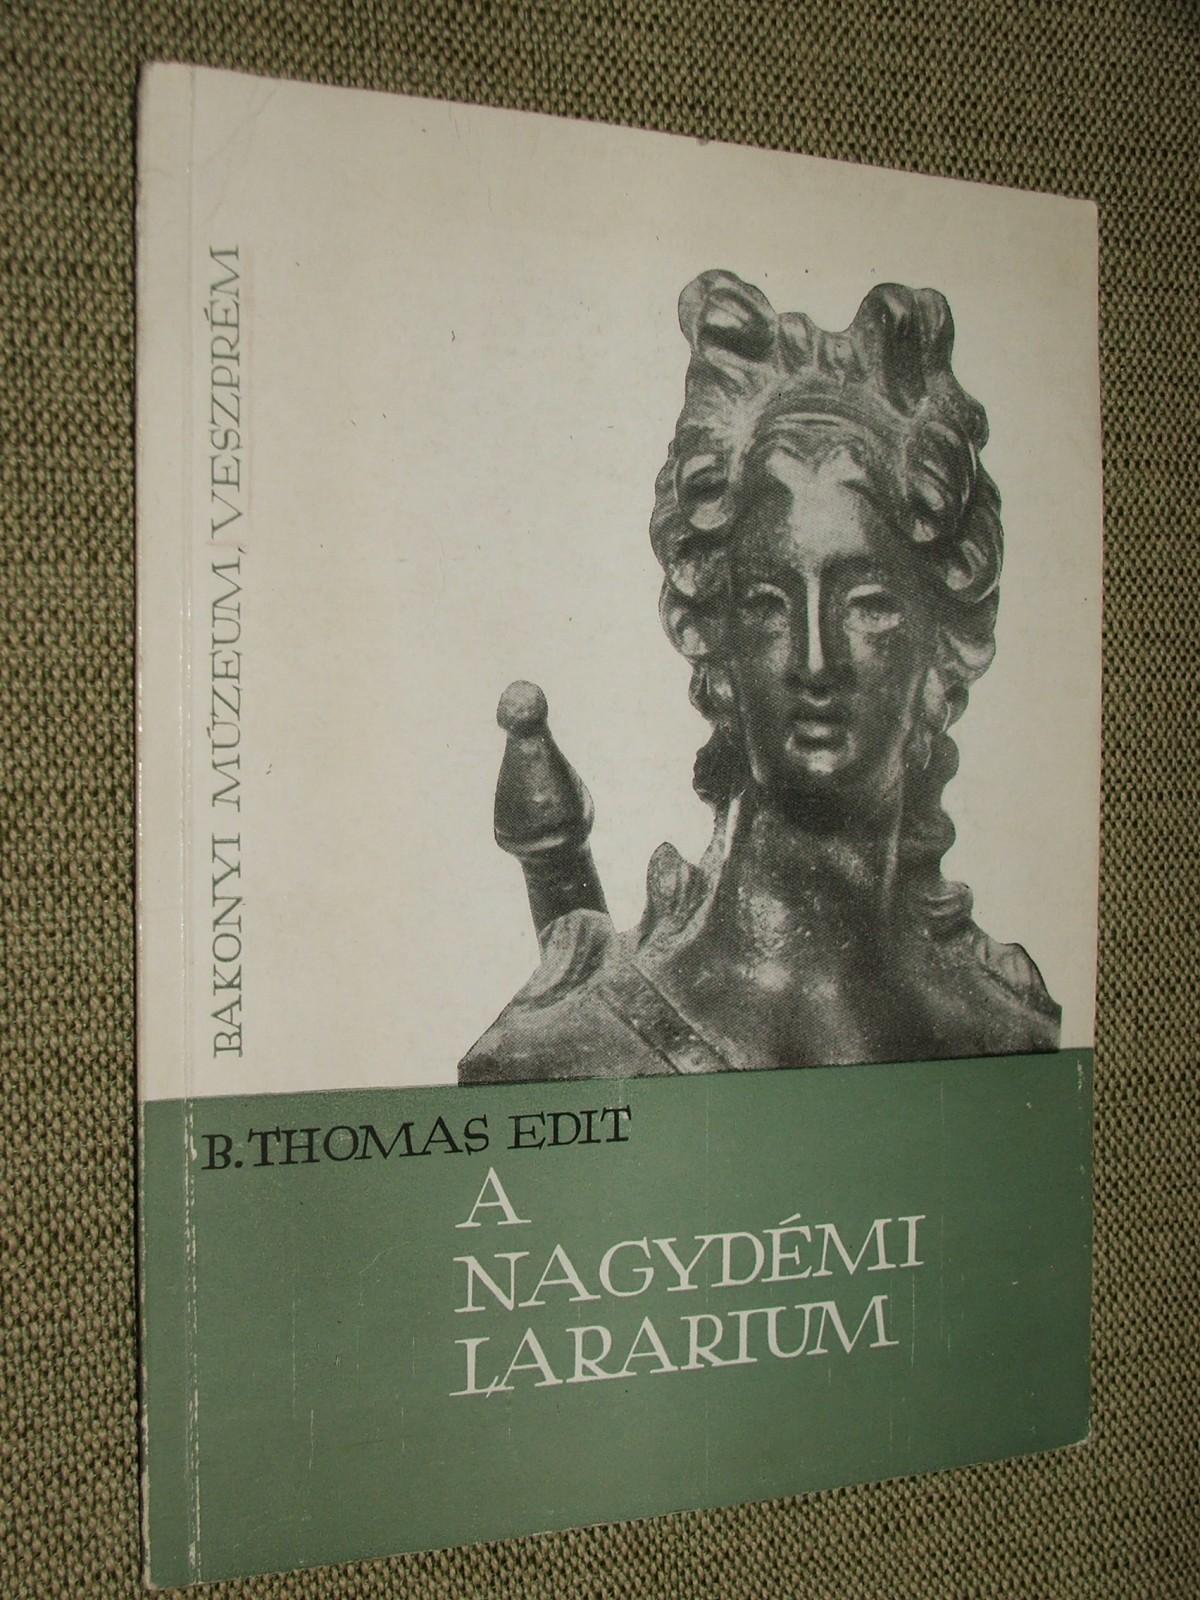 B. THOMAS Edit: A nagydémi lararium